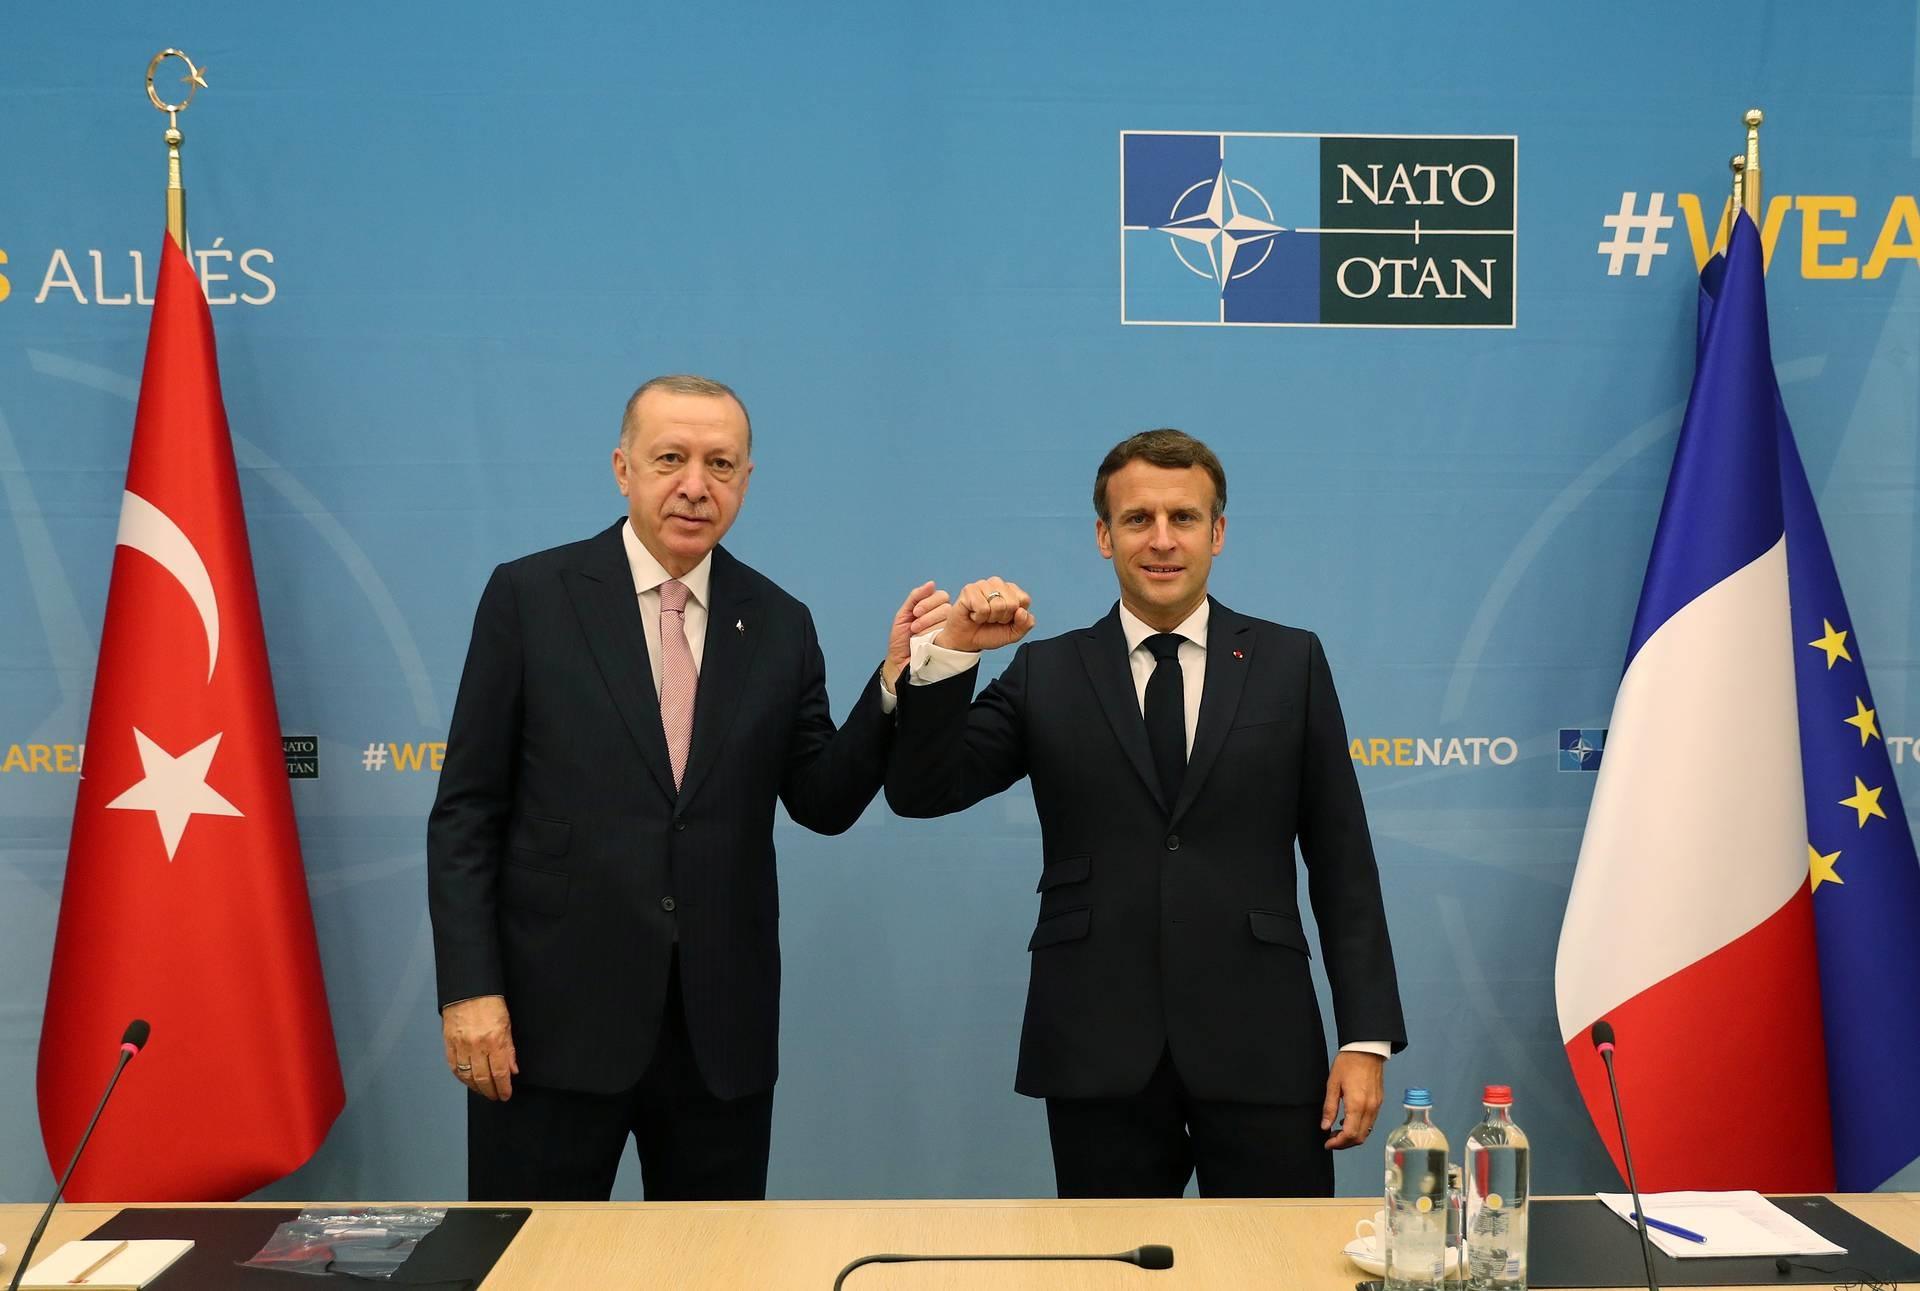 Париж и Анкара заключают перемирие? Попытки наладить отношения